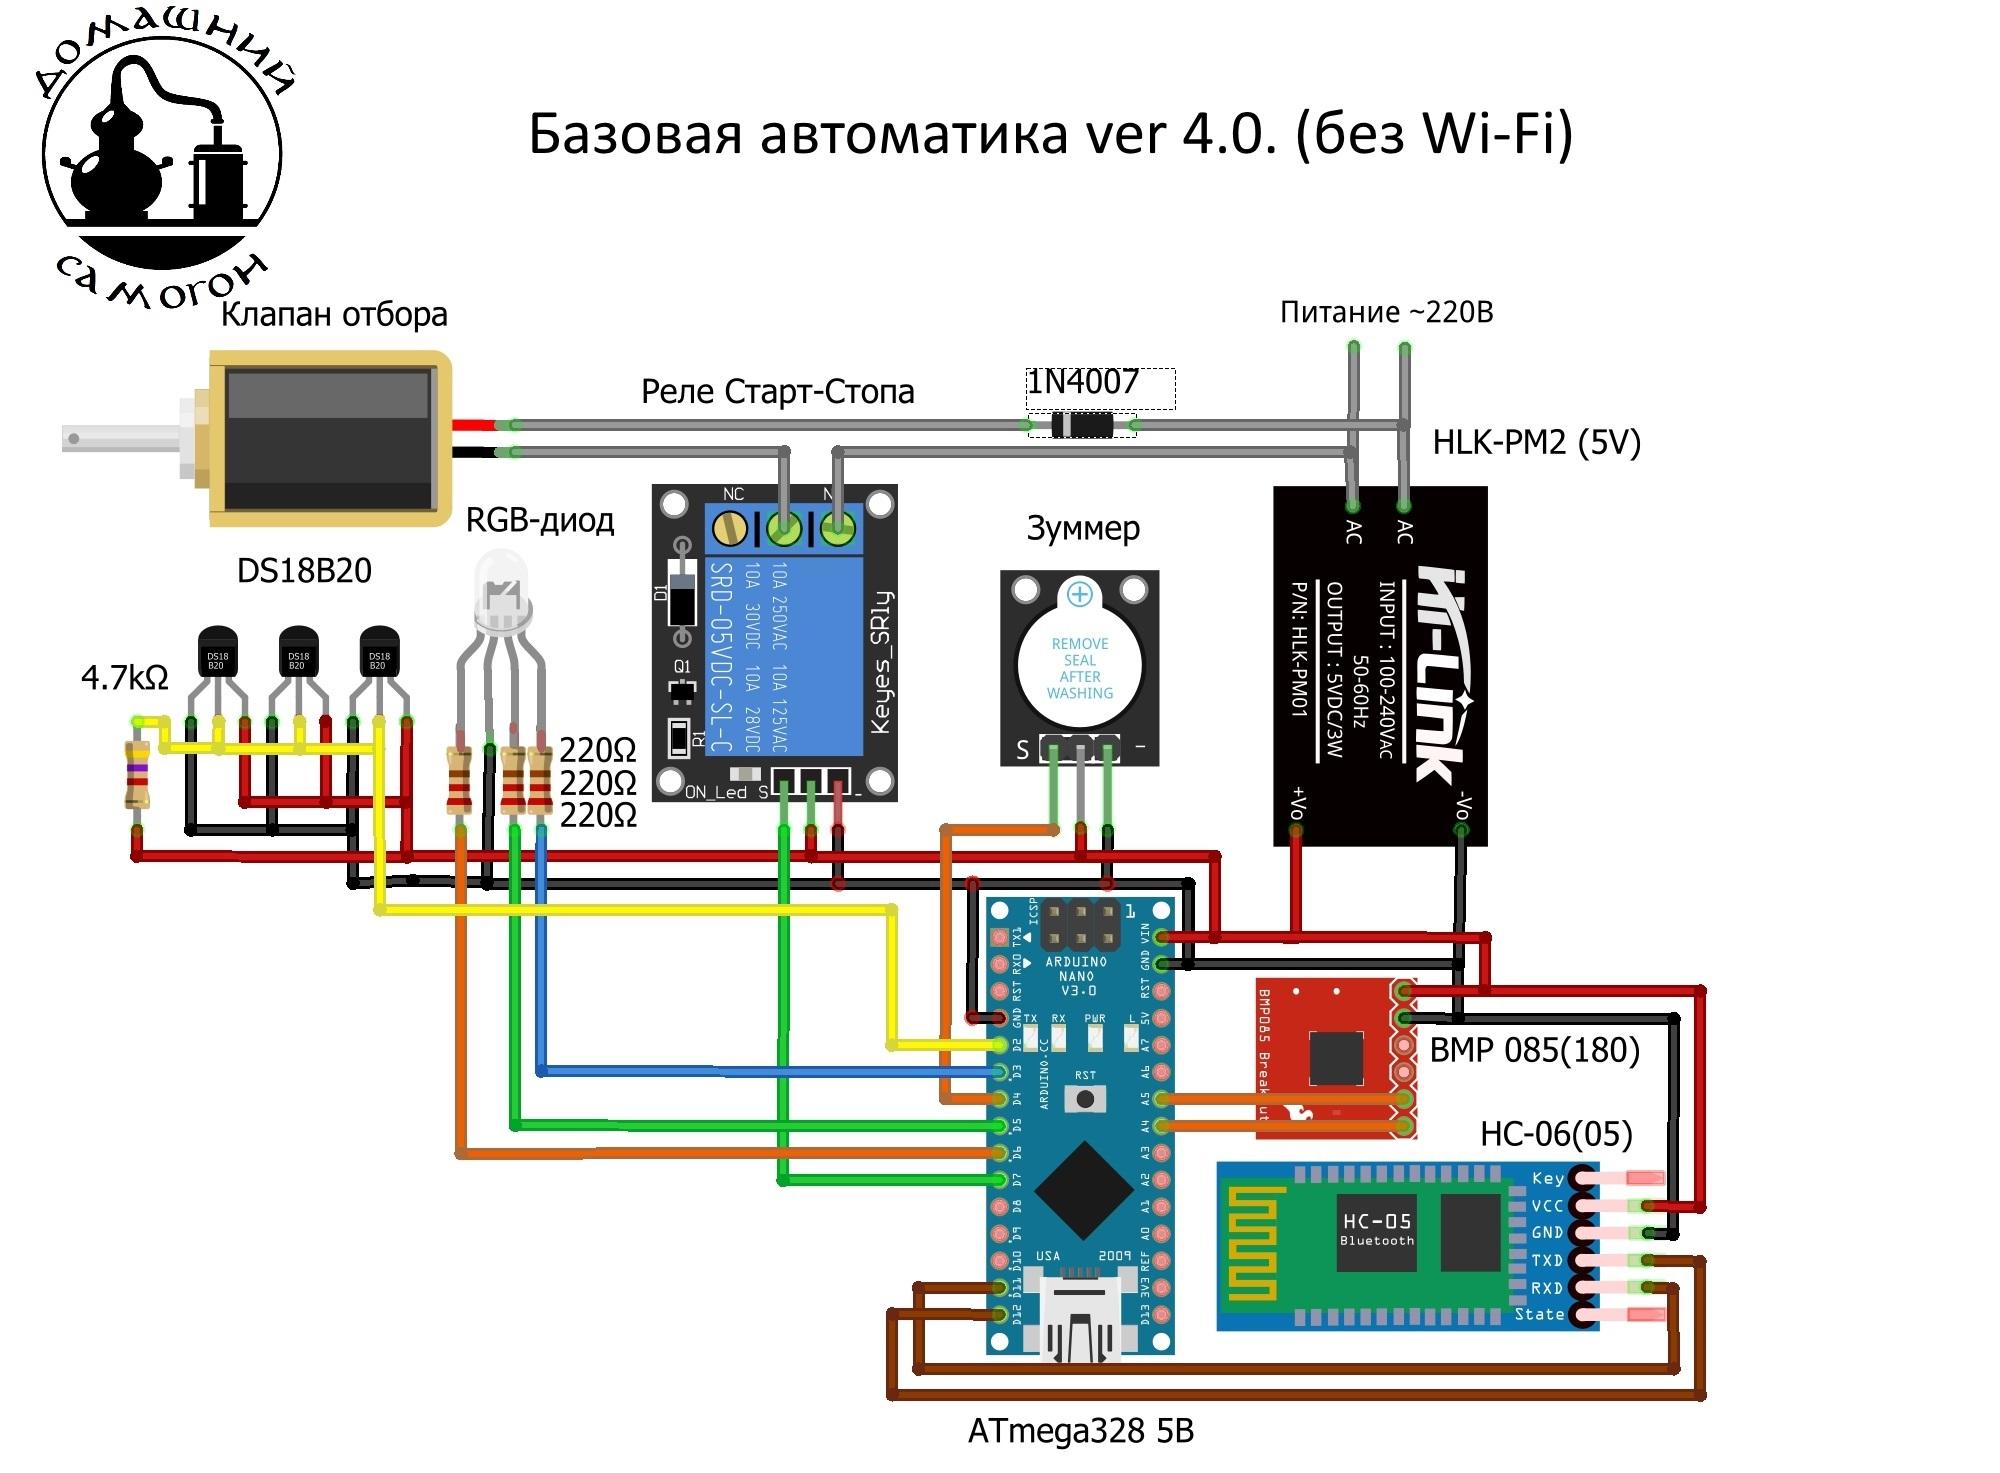 2.Базовая Автоматика - Без Wi-Fi